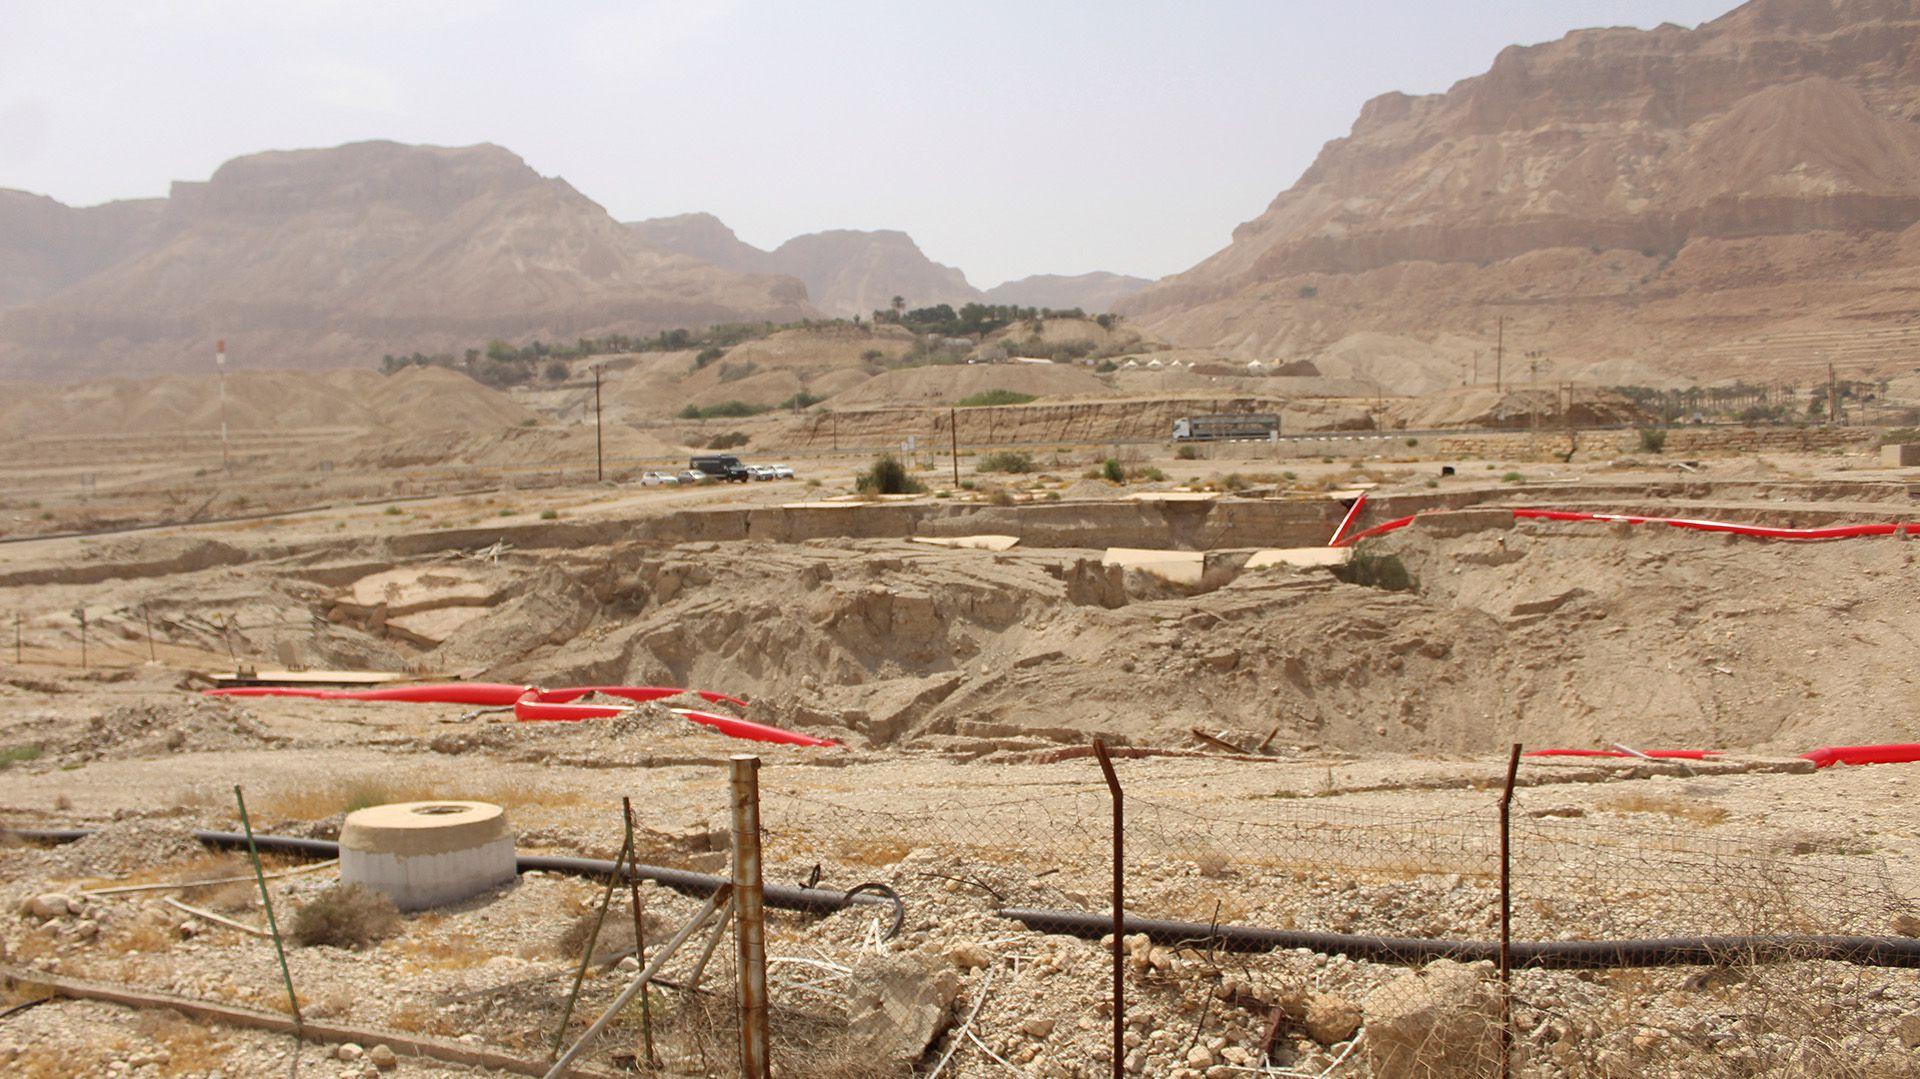 Los socavones en forma de cráter, muestras de un Mar Muerto cada vez más seco